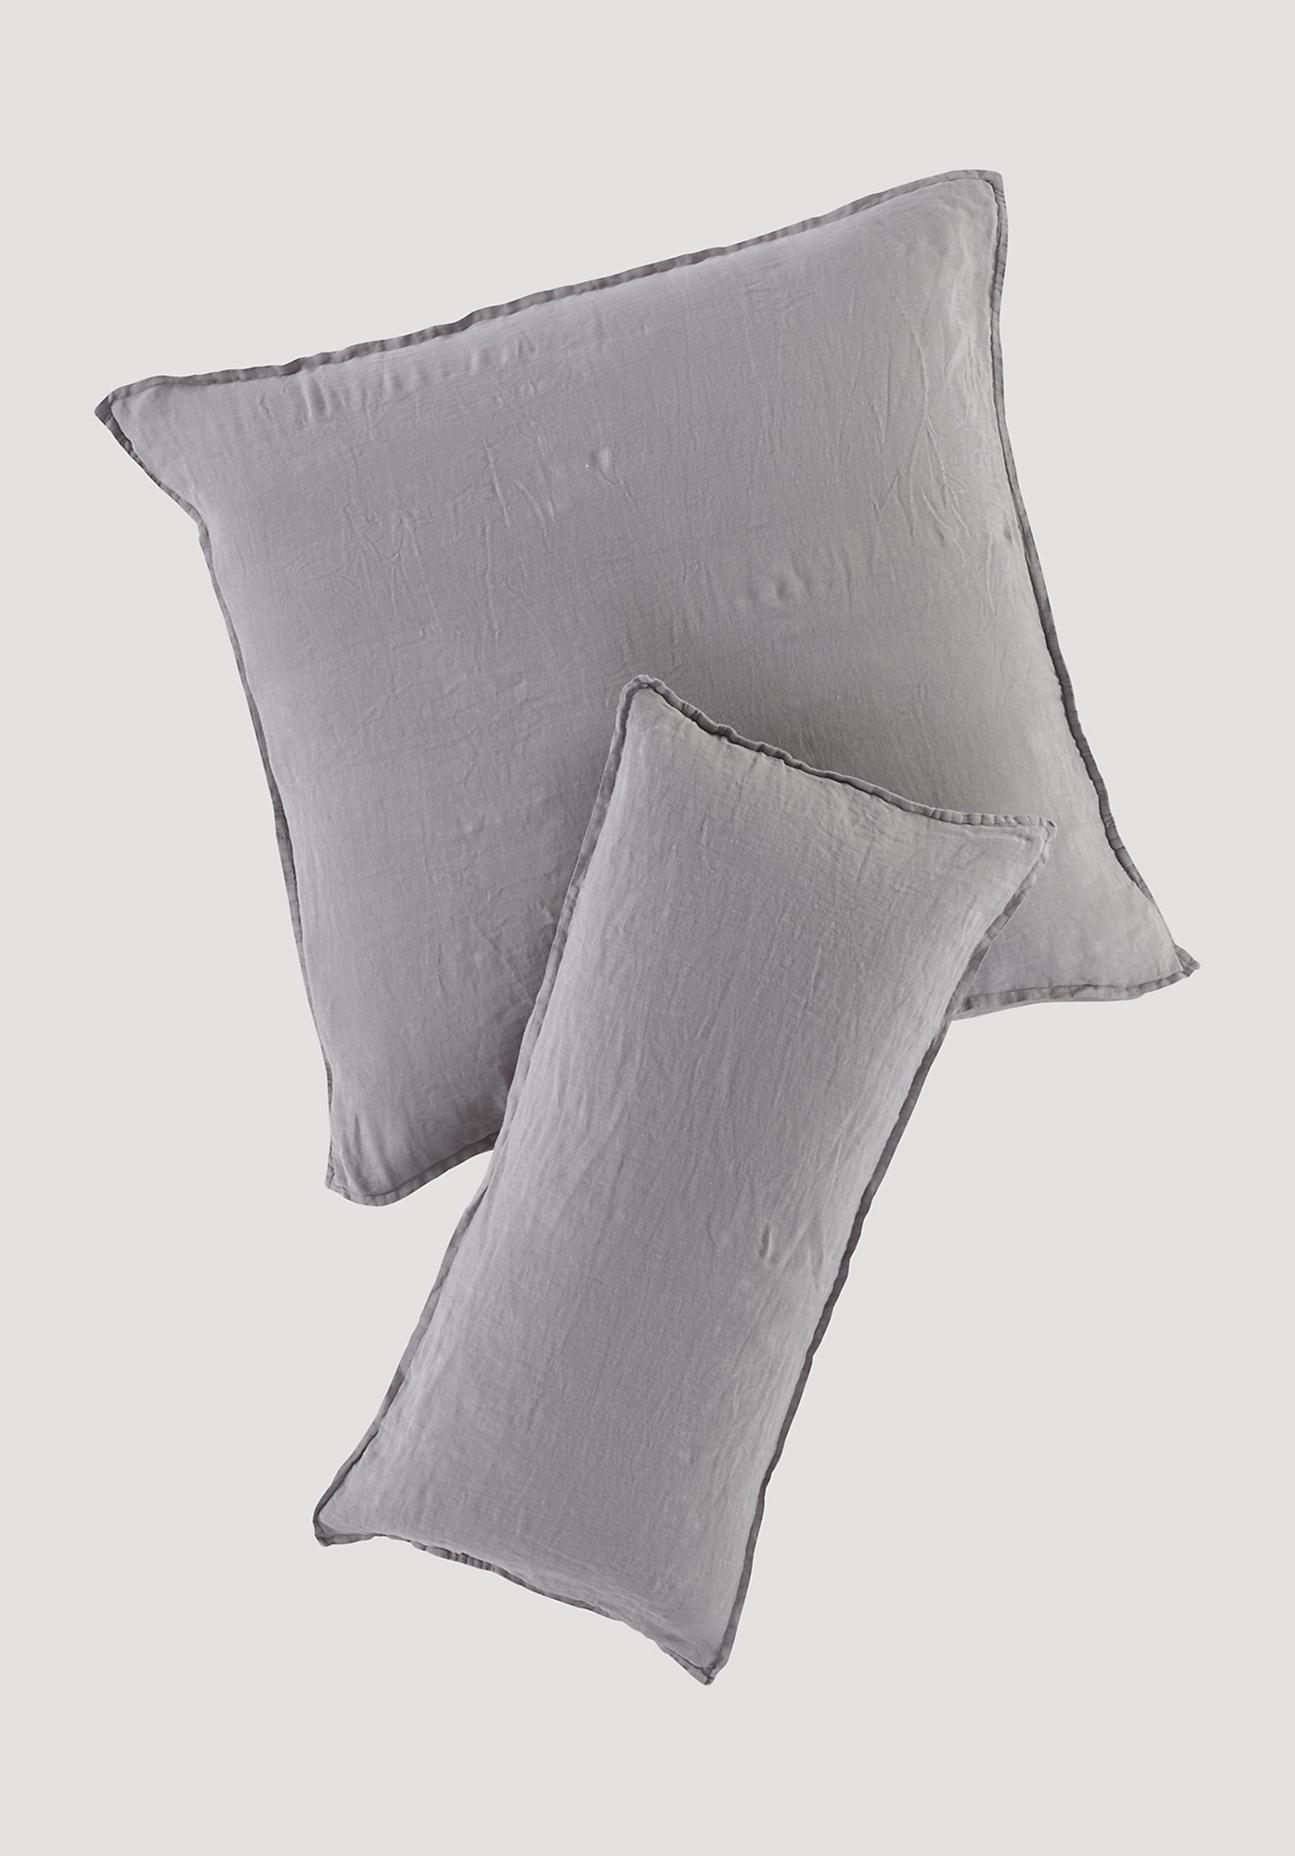 hessnatur Leinen-Kissenbezug – grau – Größe 80x80 cm